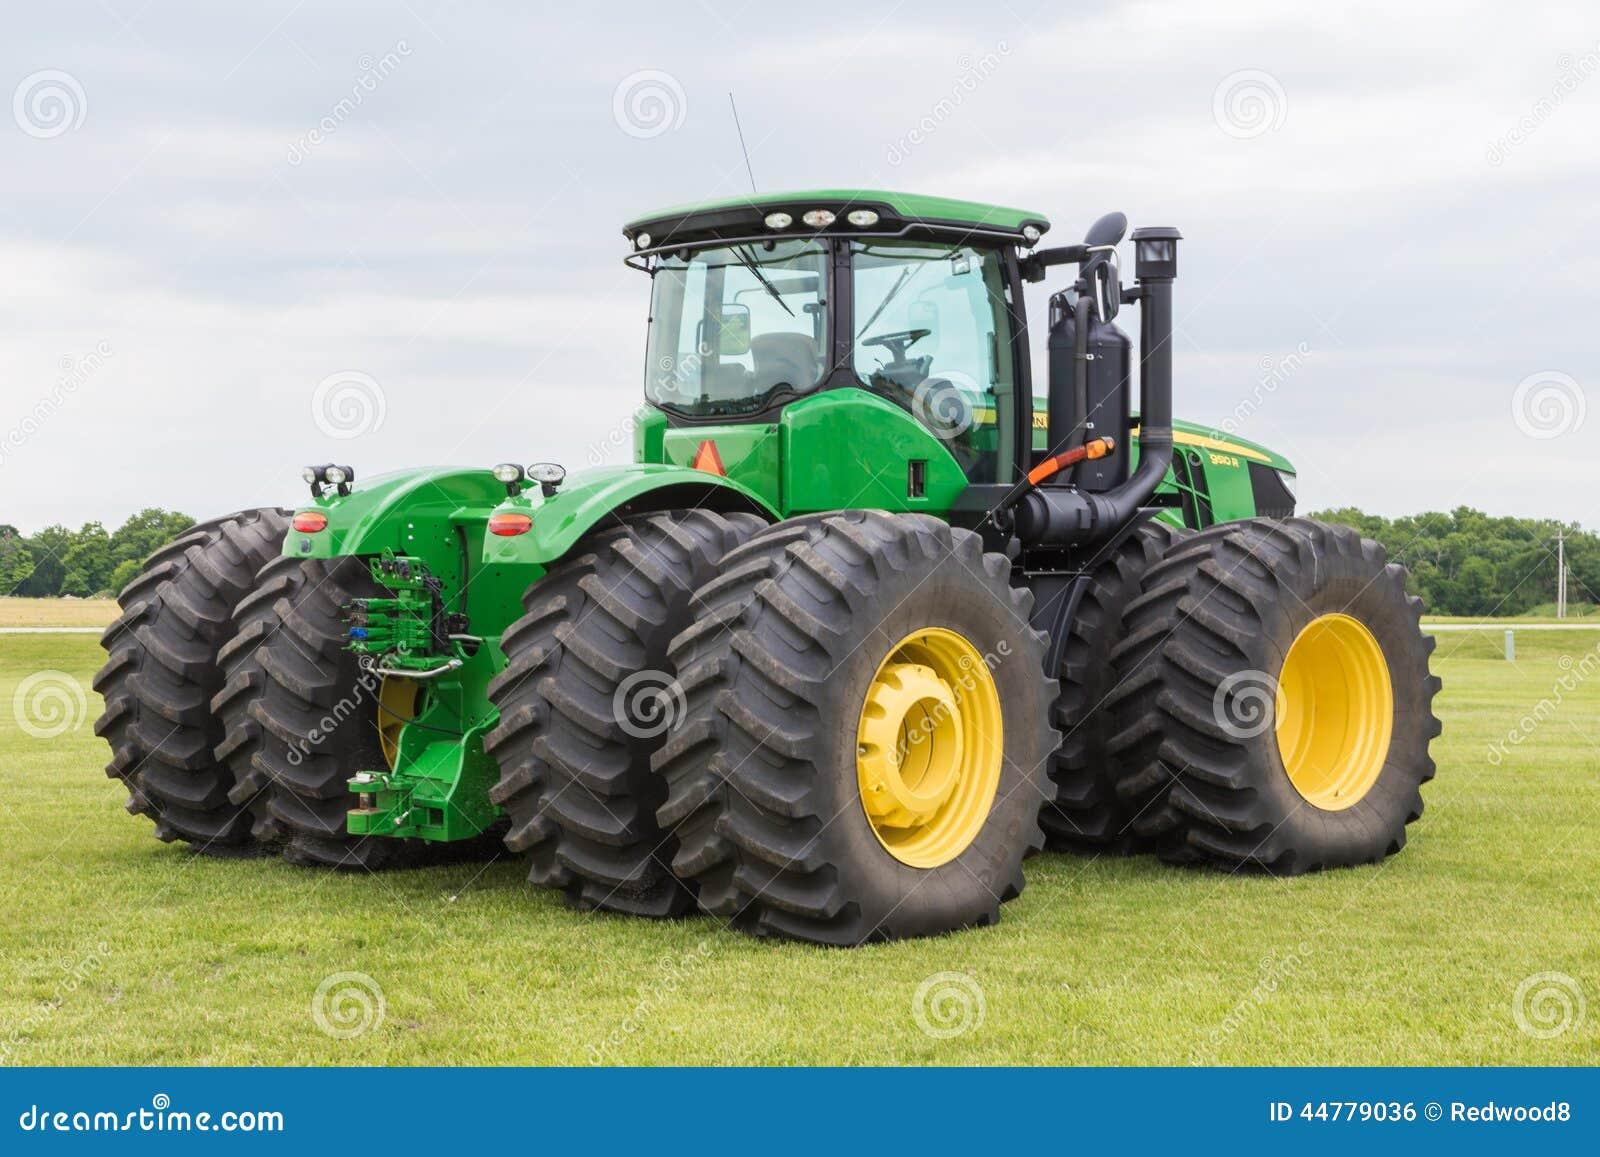 Model 9510 John Deere Tractor Redactionele Foto Afbeelding